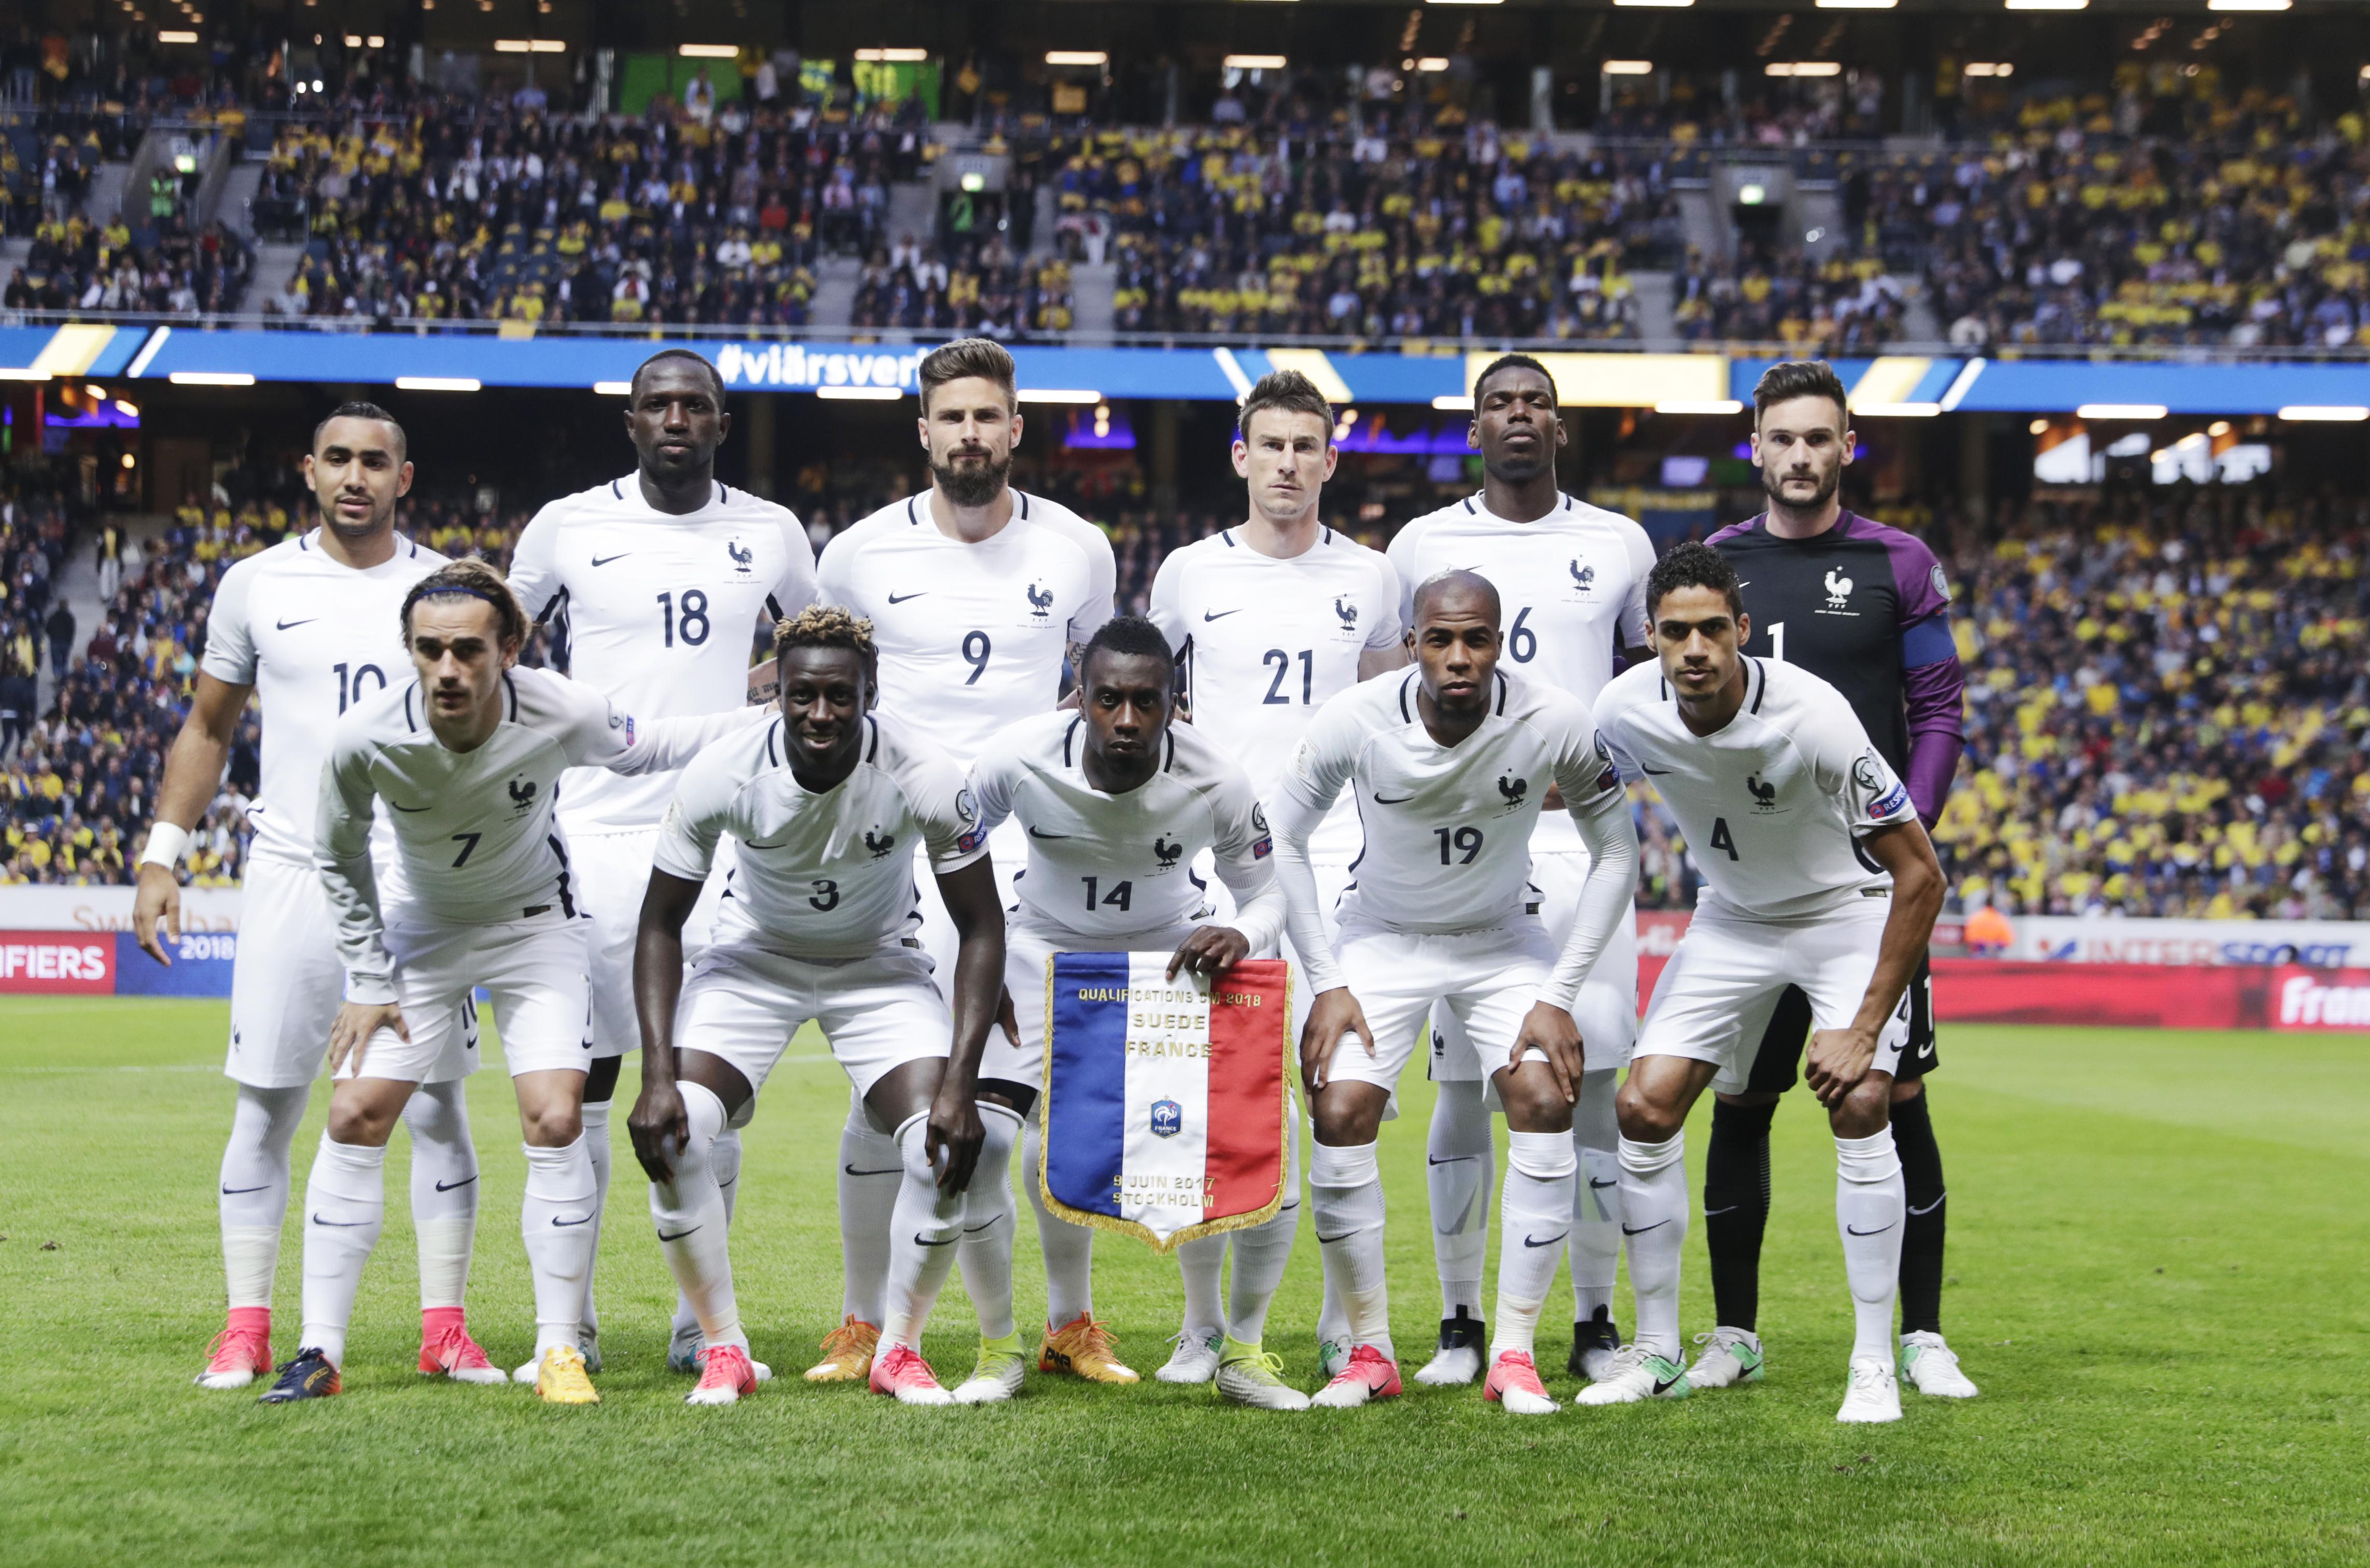 Германия - Уругвай: прогноз и ставки на матч ЧМ 2018 по футболу